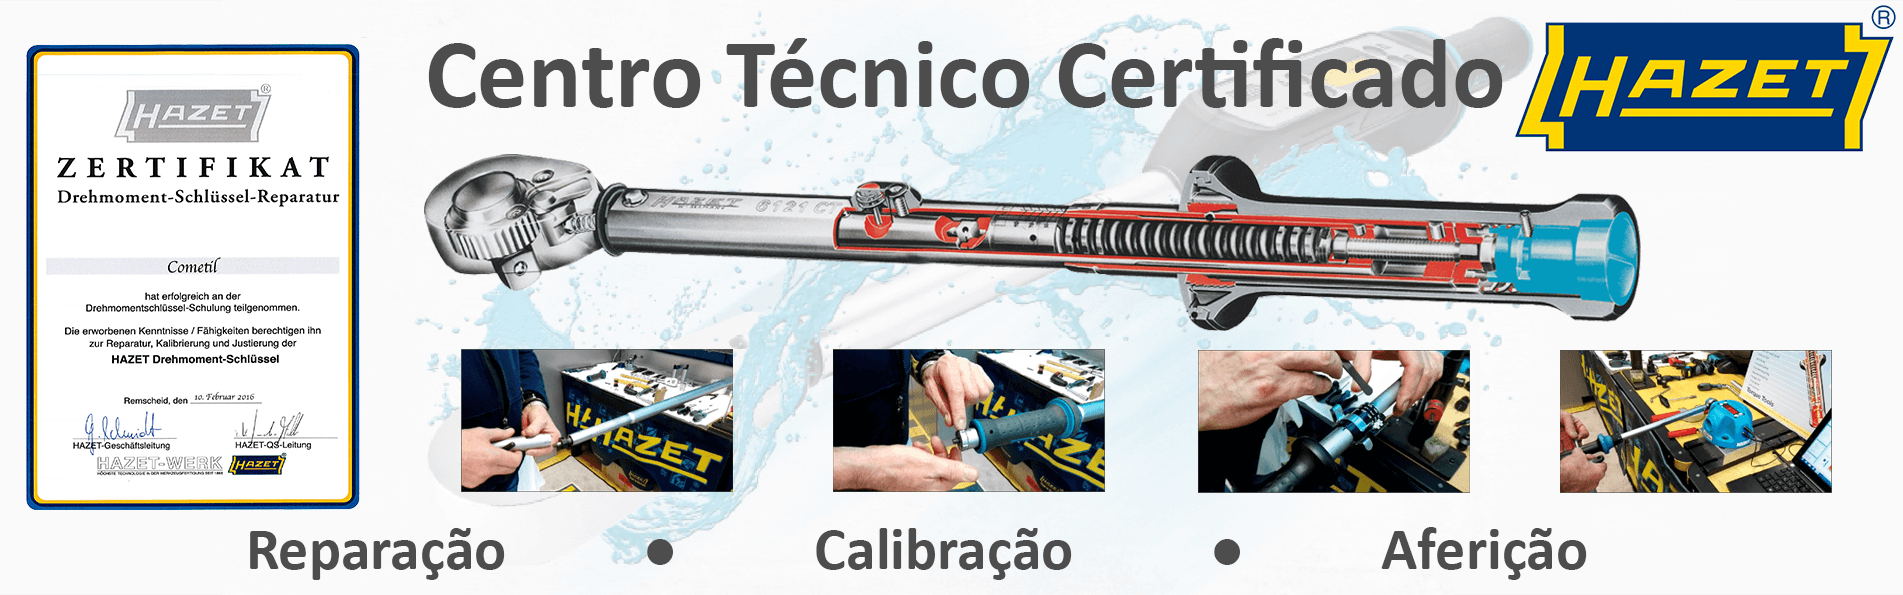 Banner_HAZET_Centro_Tecnico_Autorizado_LR